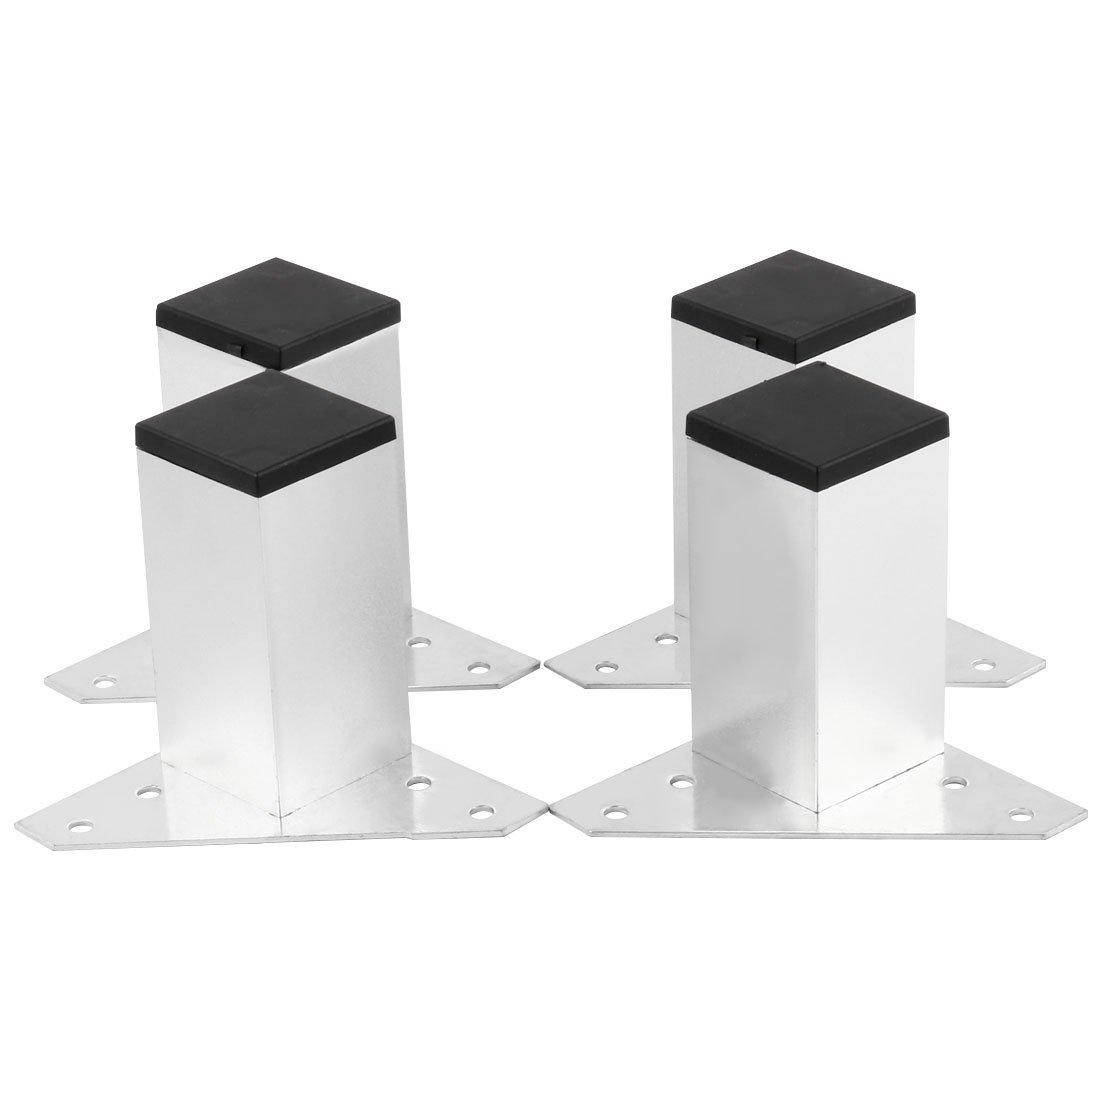 uxcell Aluminum Alloy Frame 4pcs Furniture Legs Feet Cabinet Sofa Desk Worktop Shelves Bed 78 x 78 x 79mm